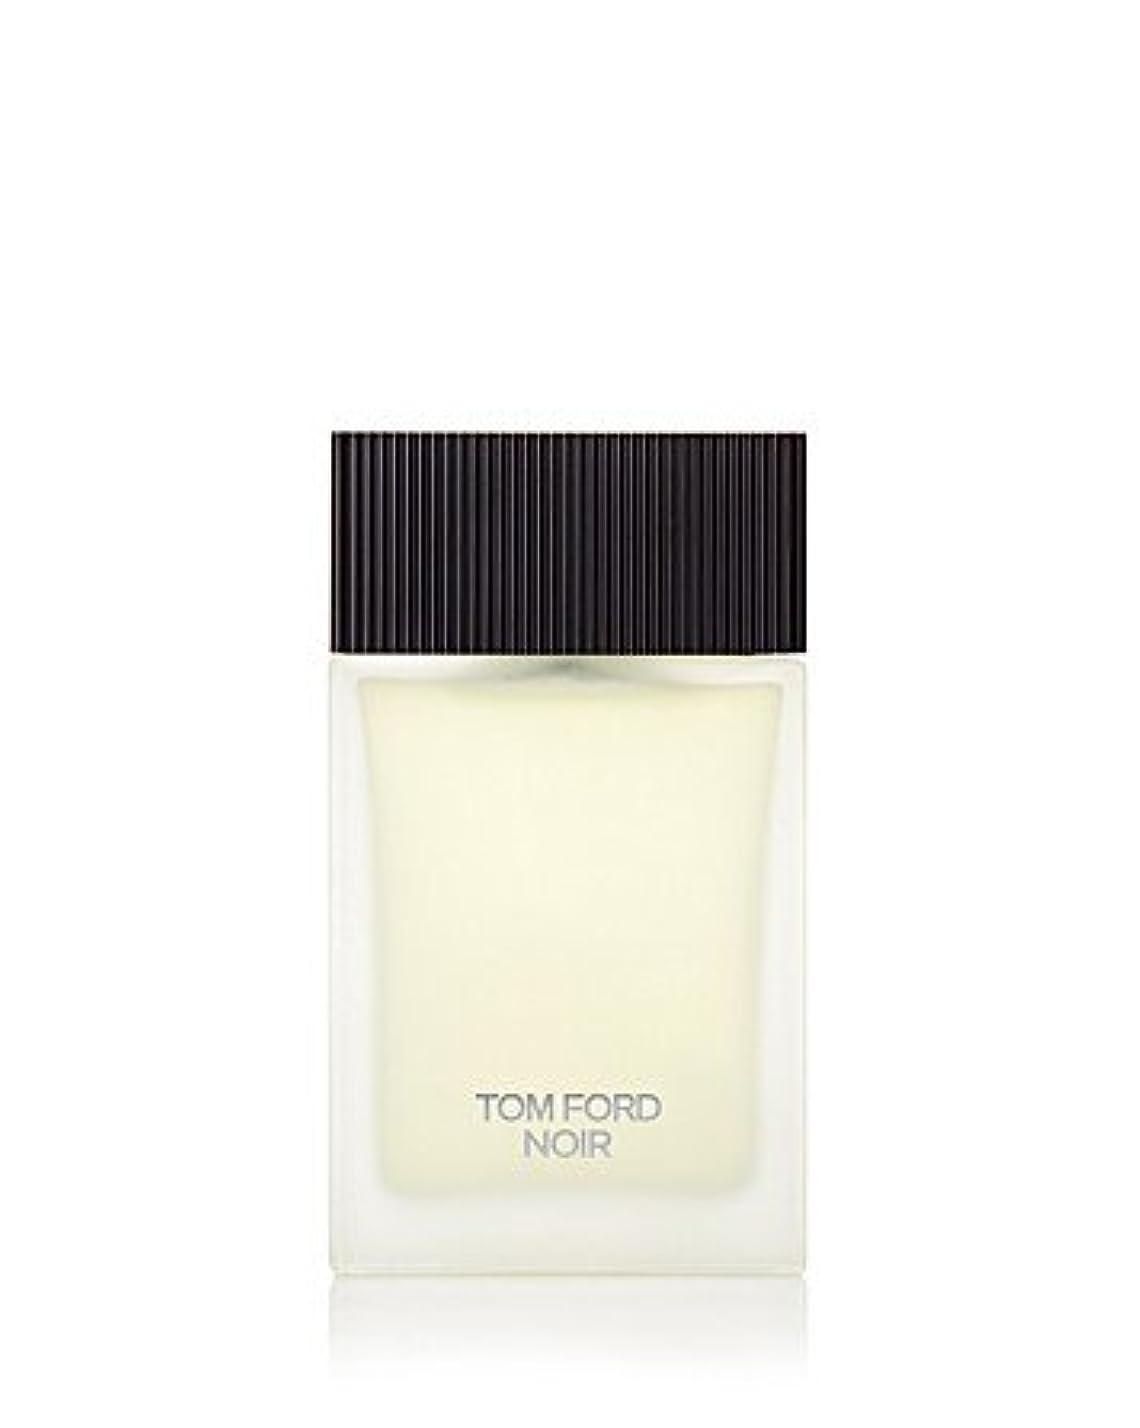 からバルコニー船Tom Ford 'Noir' (トムフォード ノワール) 1.7 oz (50ml) EDT Spray for Men